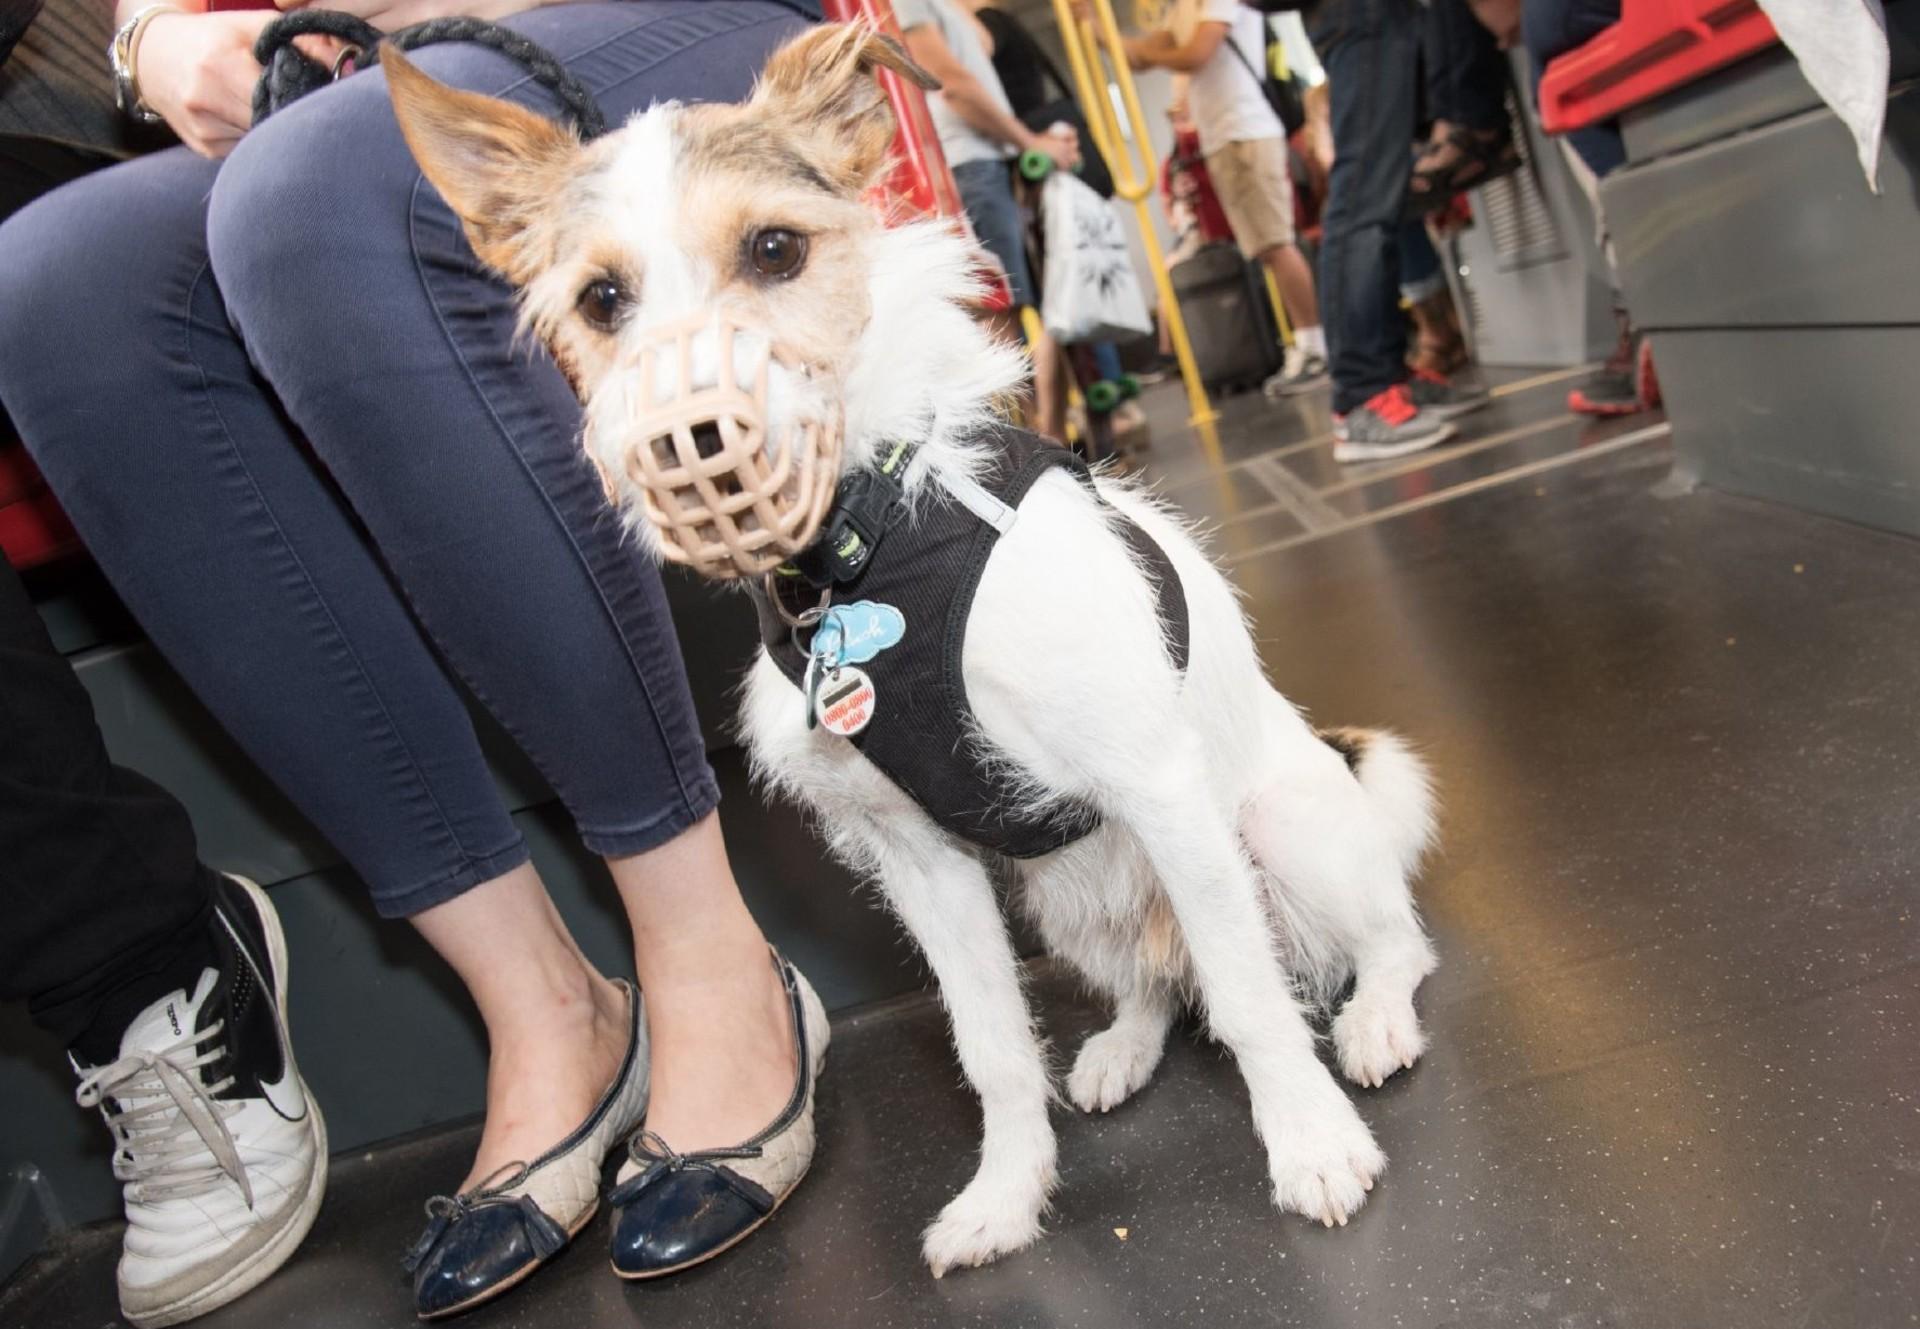 Hund mit Beißkorb in der U-Bahn